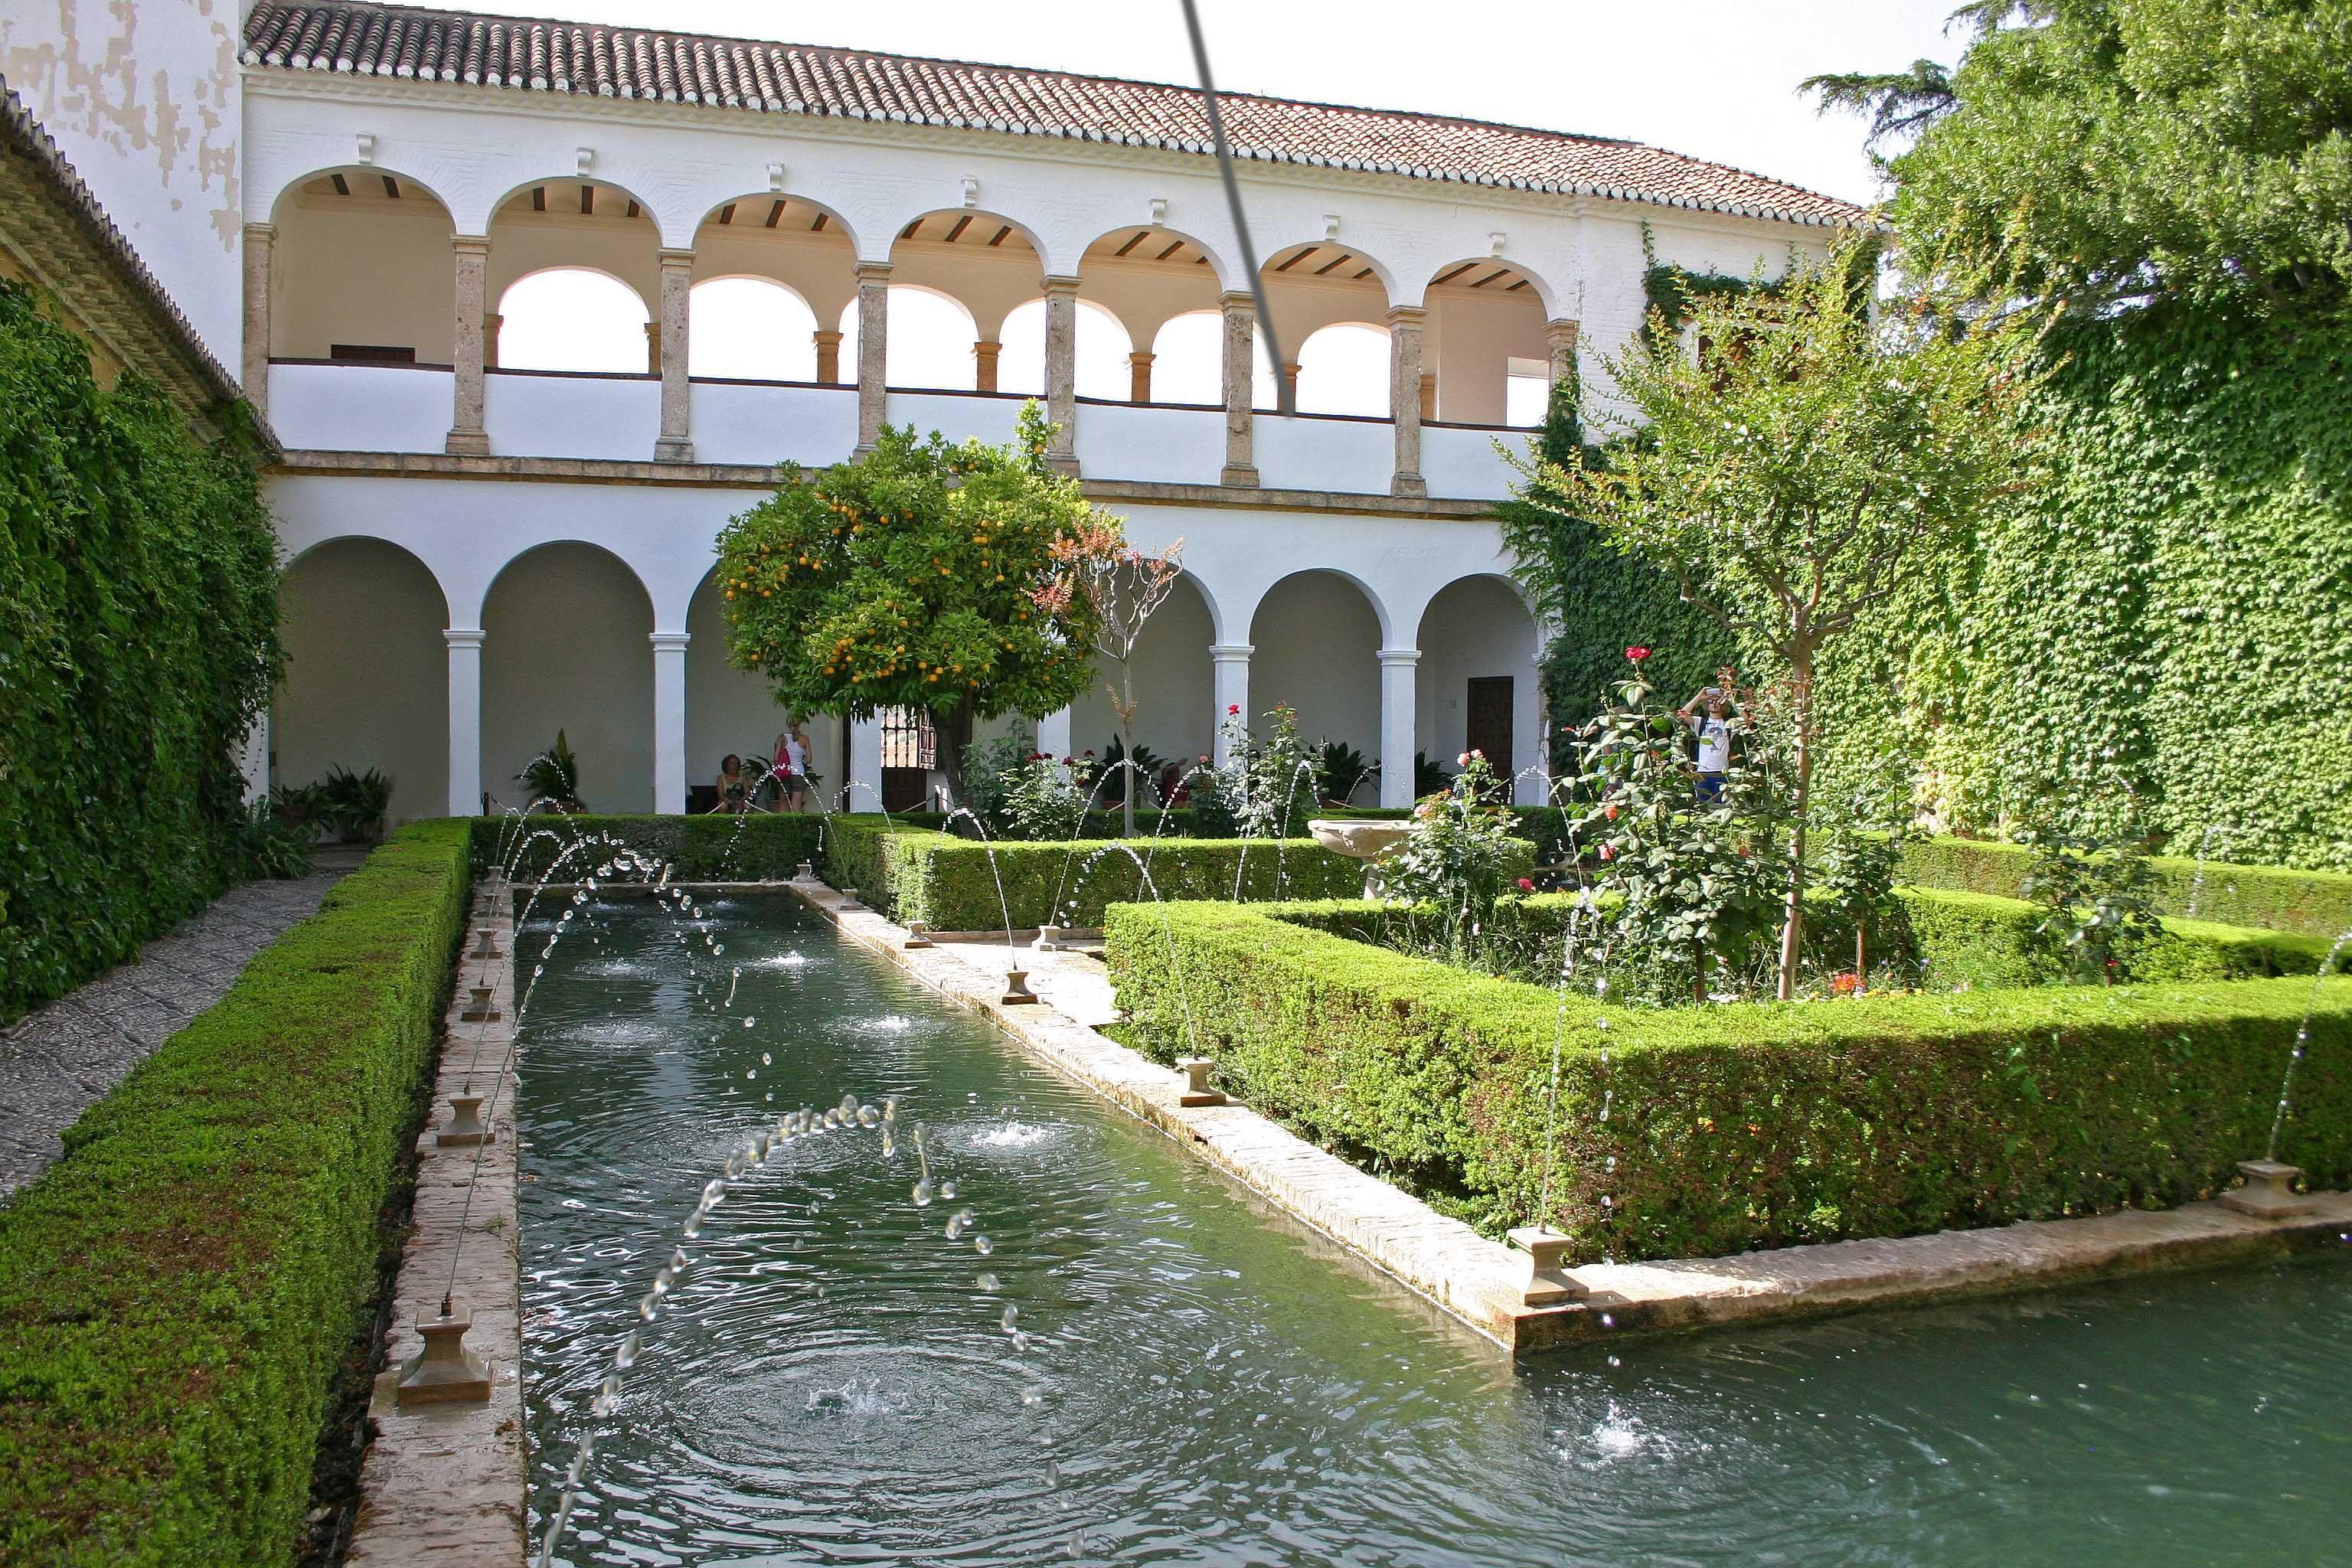 Patio de la sultana 1 alhambra de granada alhambra y - Patios de granada ...